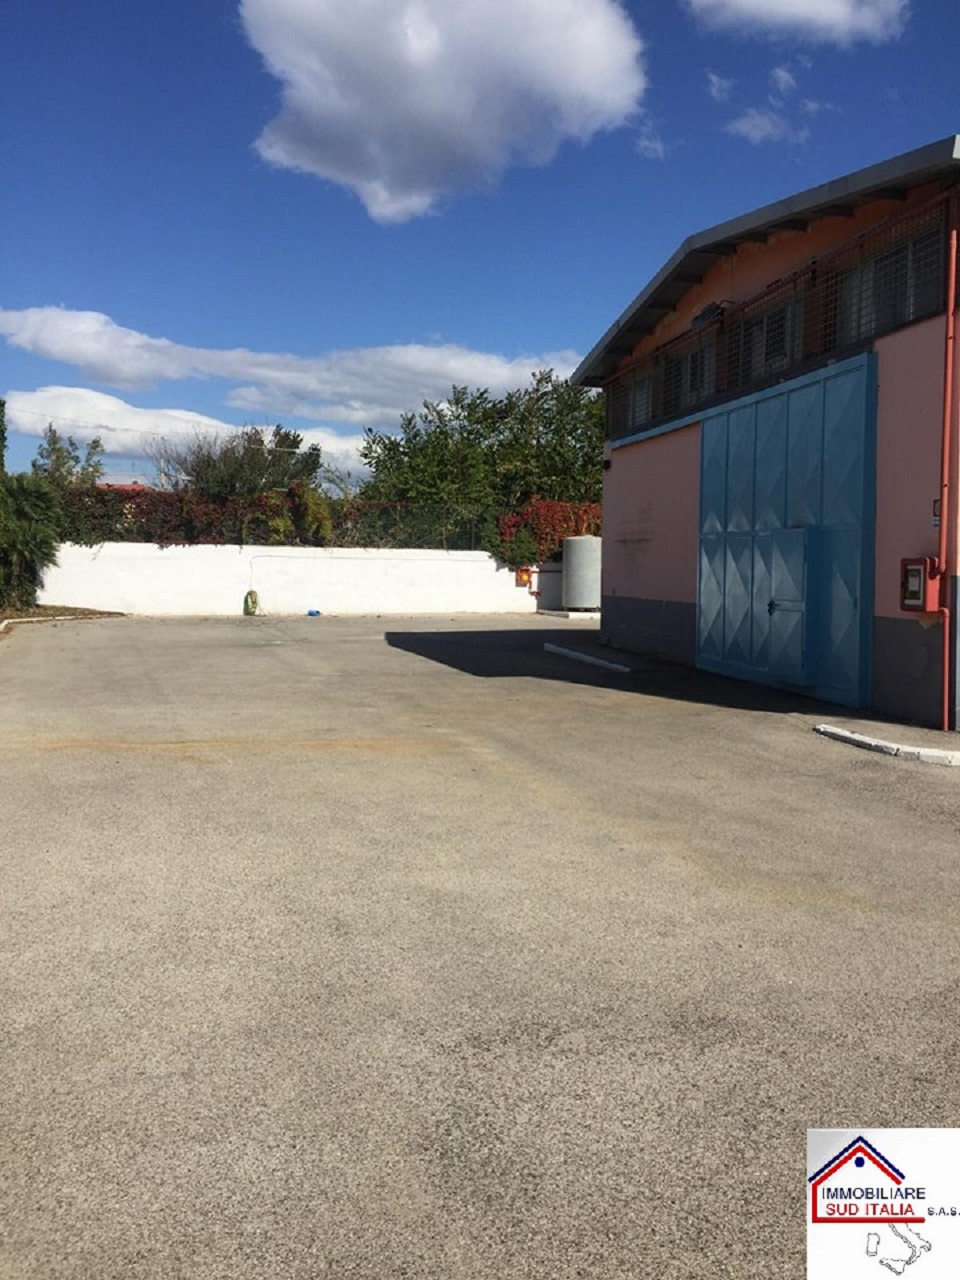 Capannone in affitto a Pozzuoli, 9999 locali, Trattative riservate | CambioCasa.it